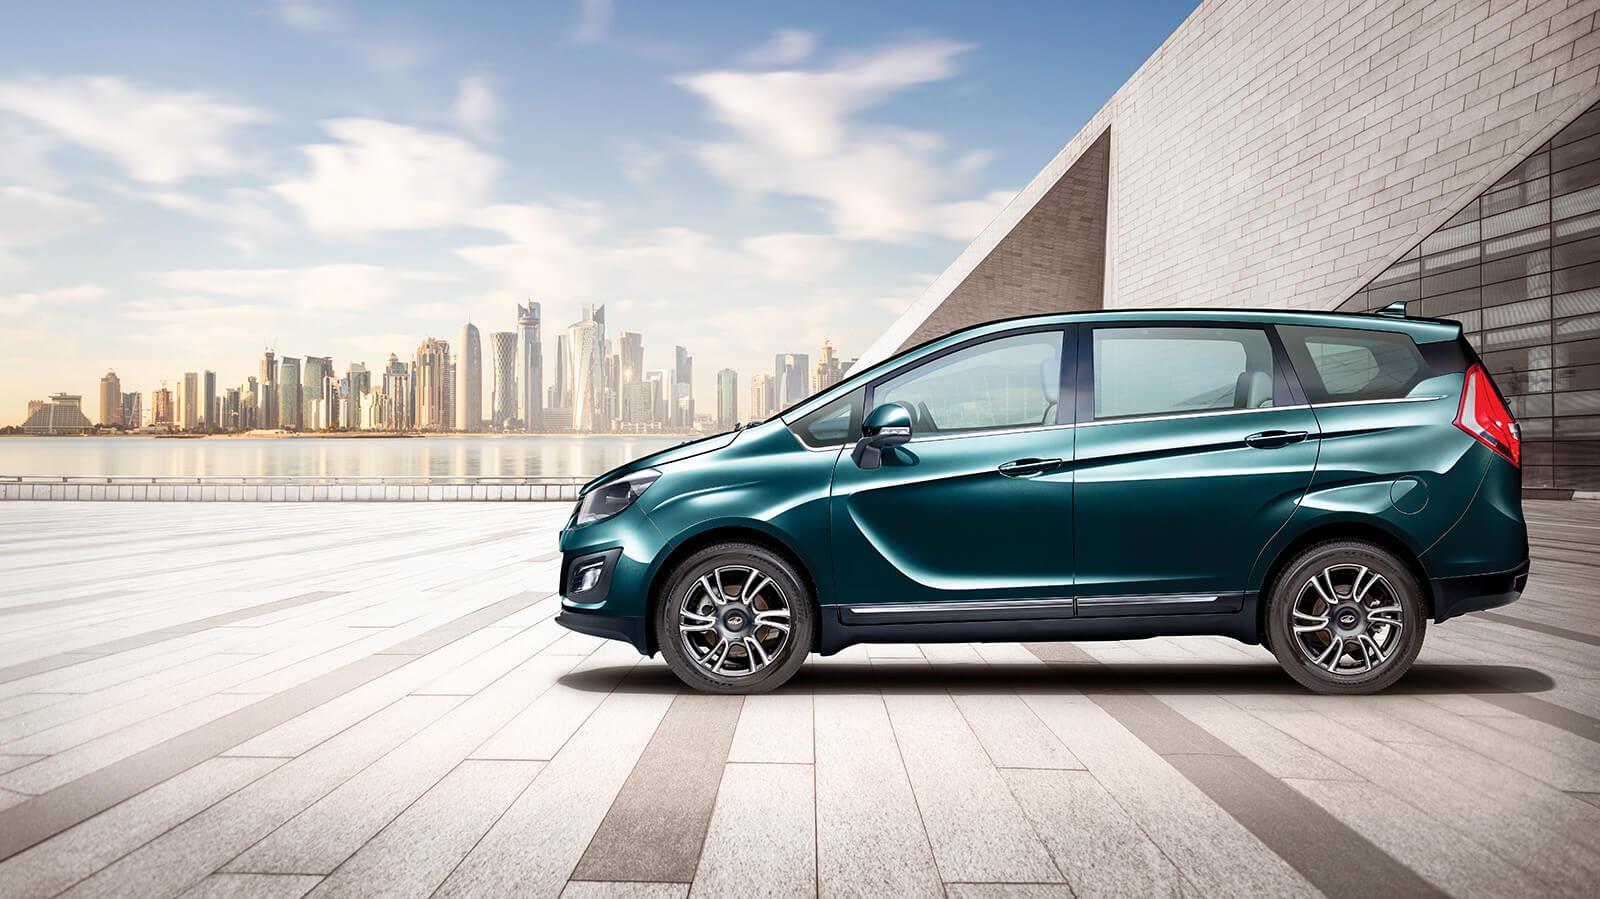 महिंद्रा एंड महिंद्रा (M&M) ने अपनी नई कार Marazzo MPV लॉन्च कर दी है. Marazzo MPV को M2, M4, M6 और M8 इन चार वैरिएंट में लॉन्च किया गया है.